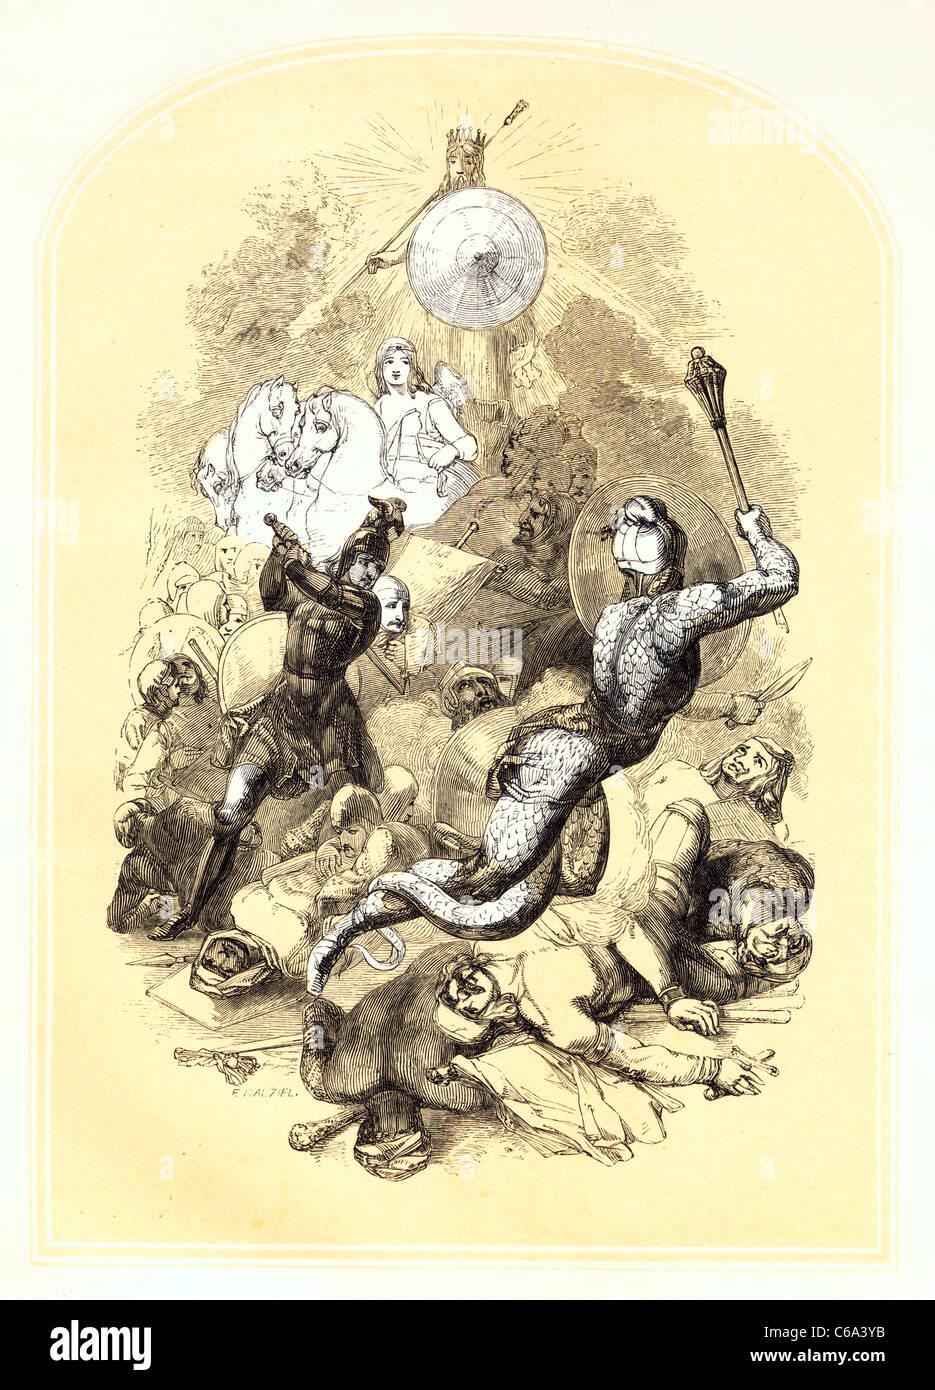 El derrocamiento de Diabolous de John Bunyan la Guerra Santa Imagen De Stock